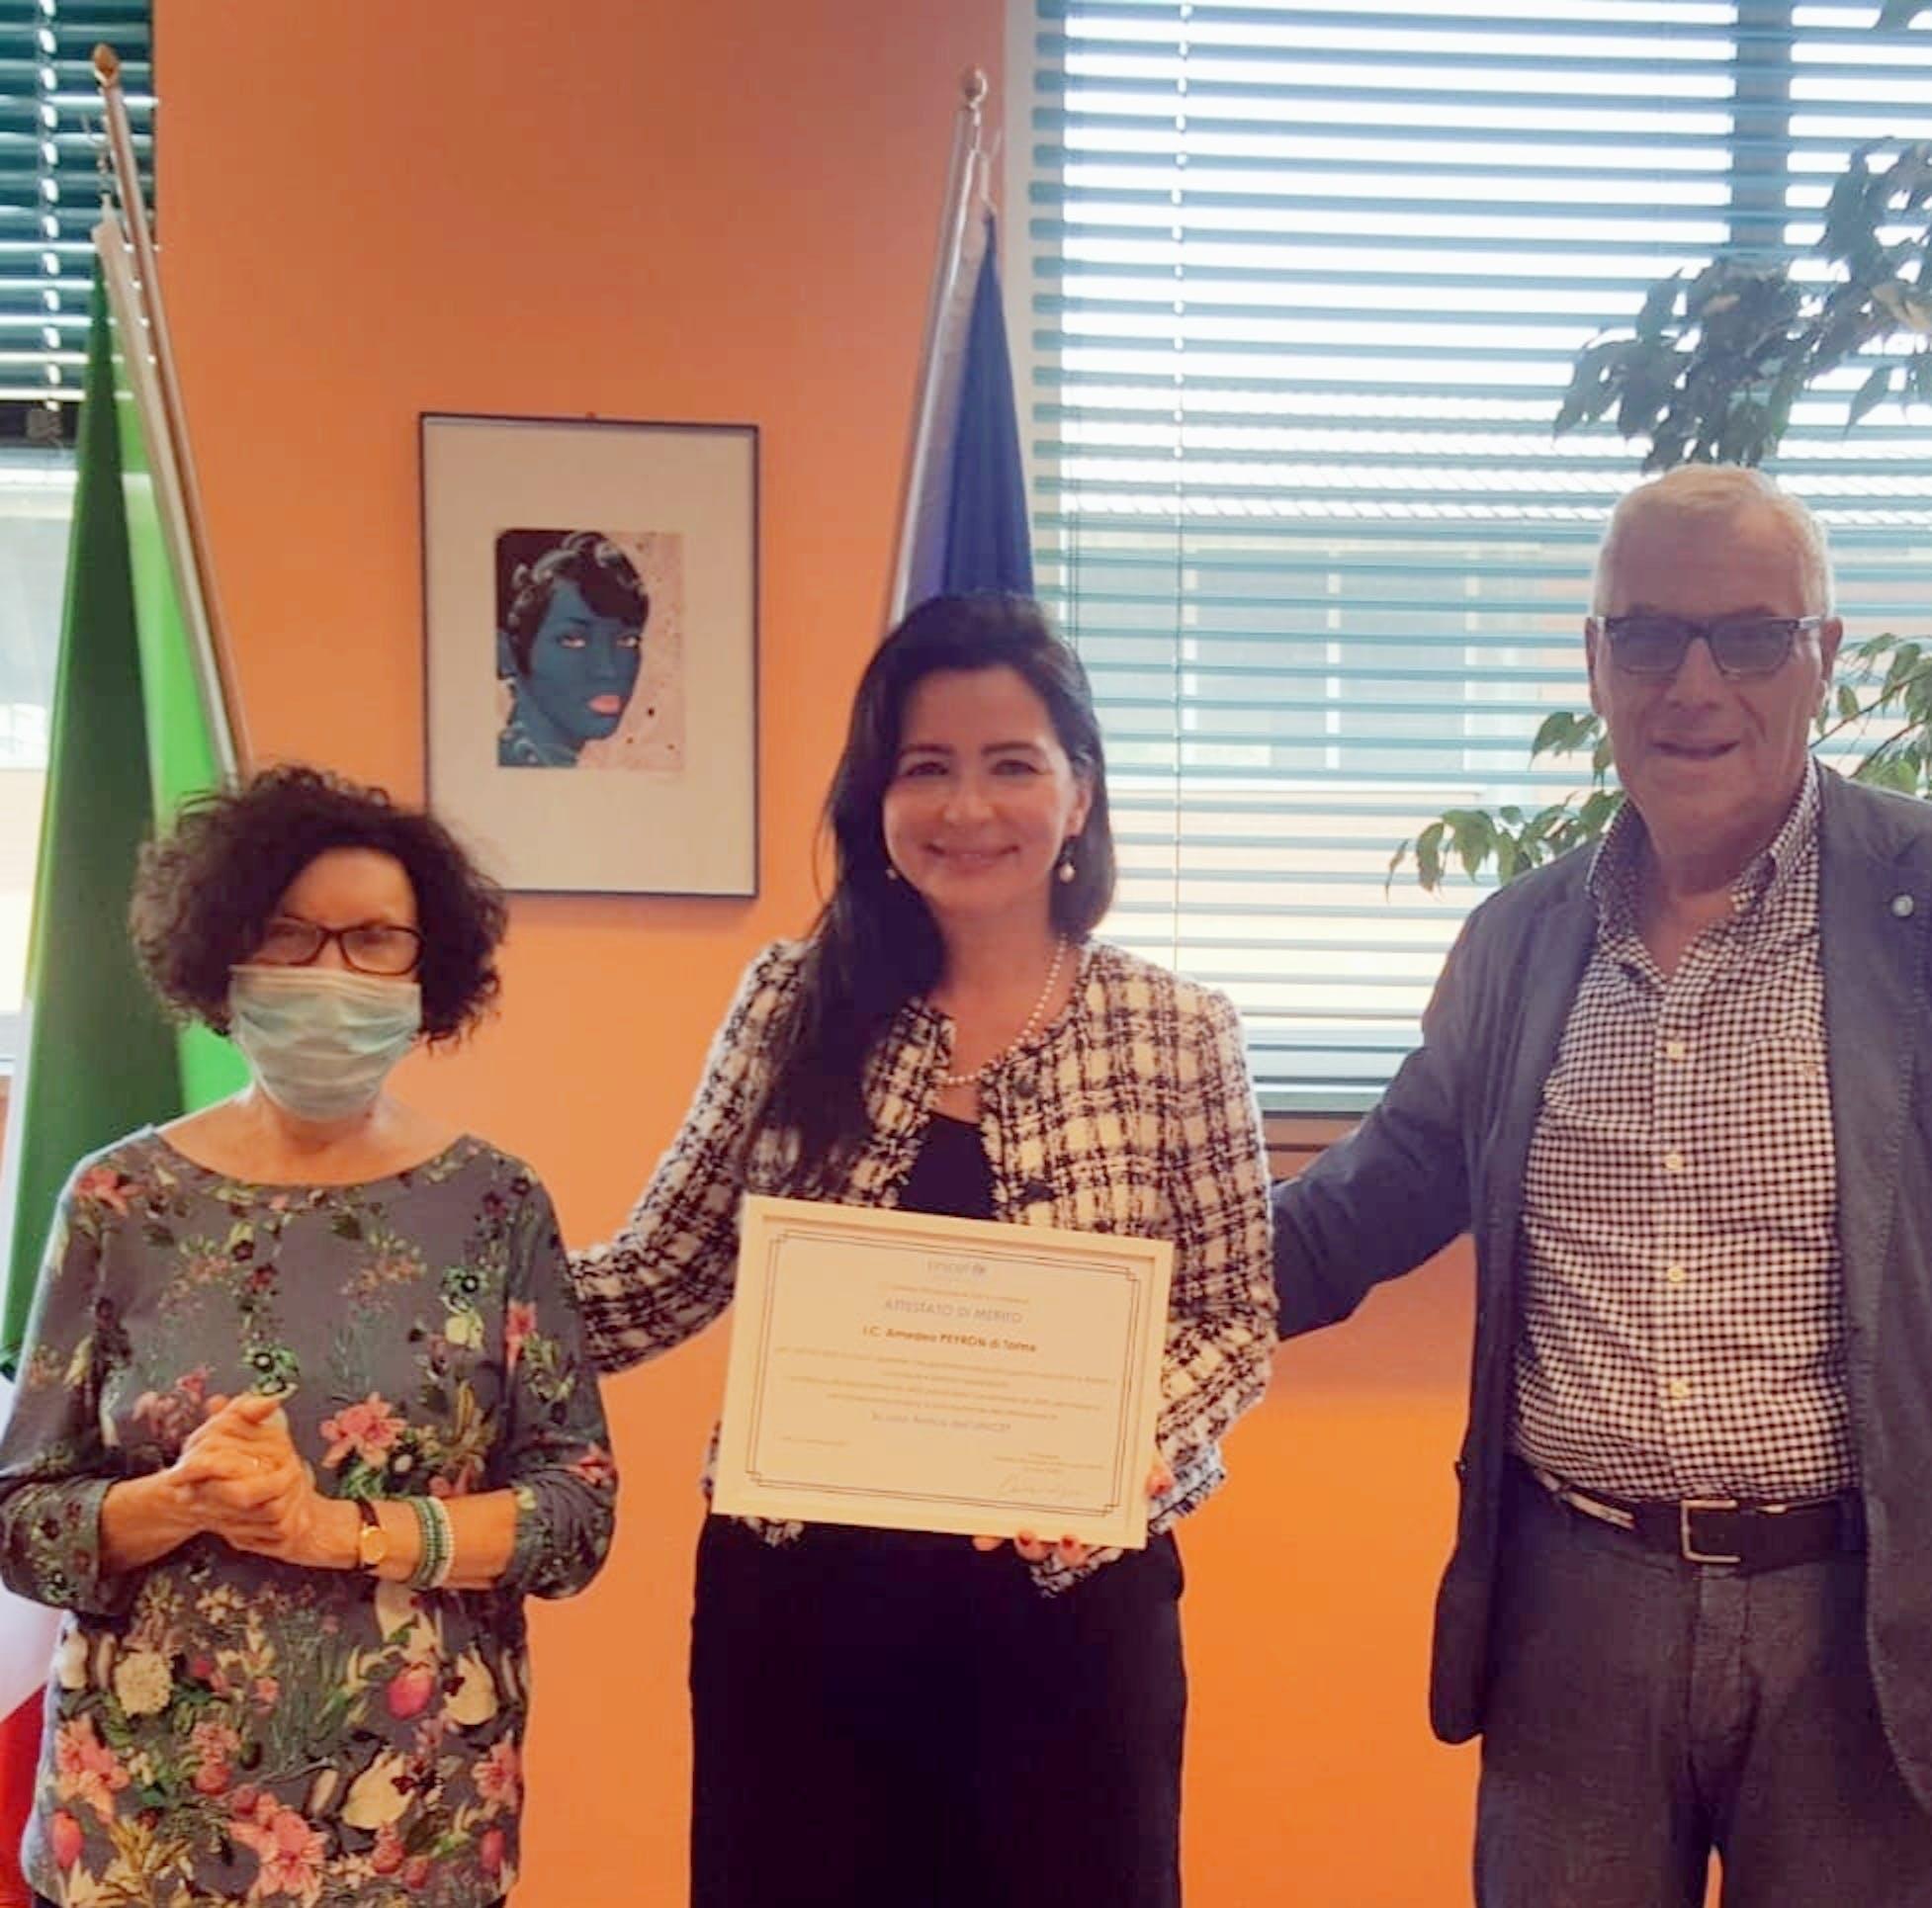 Consegna dell'Attestato di Merito UNICEF alla Dirigente dell'IC Peyron di Torino